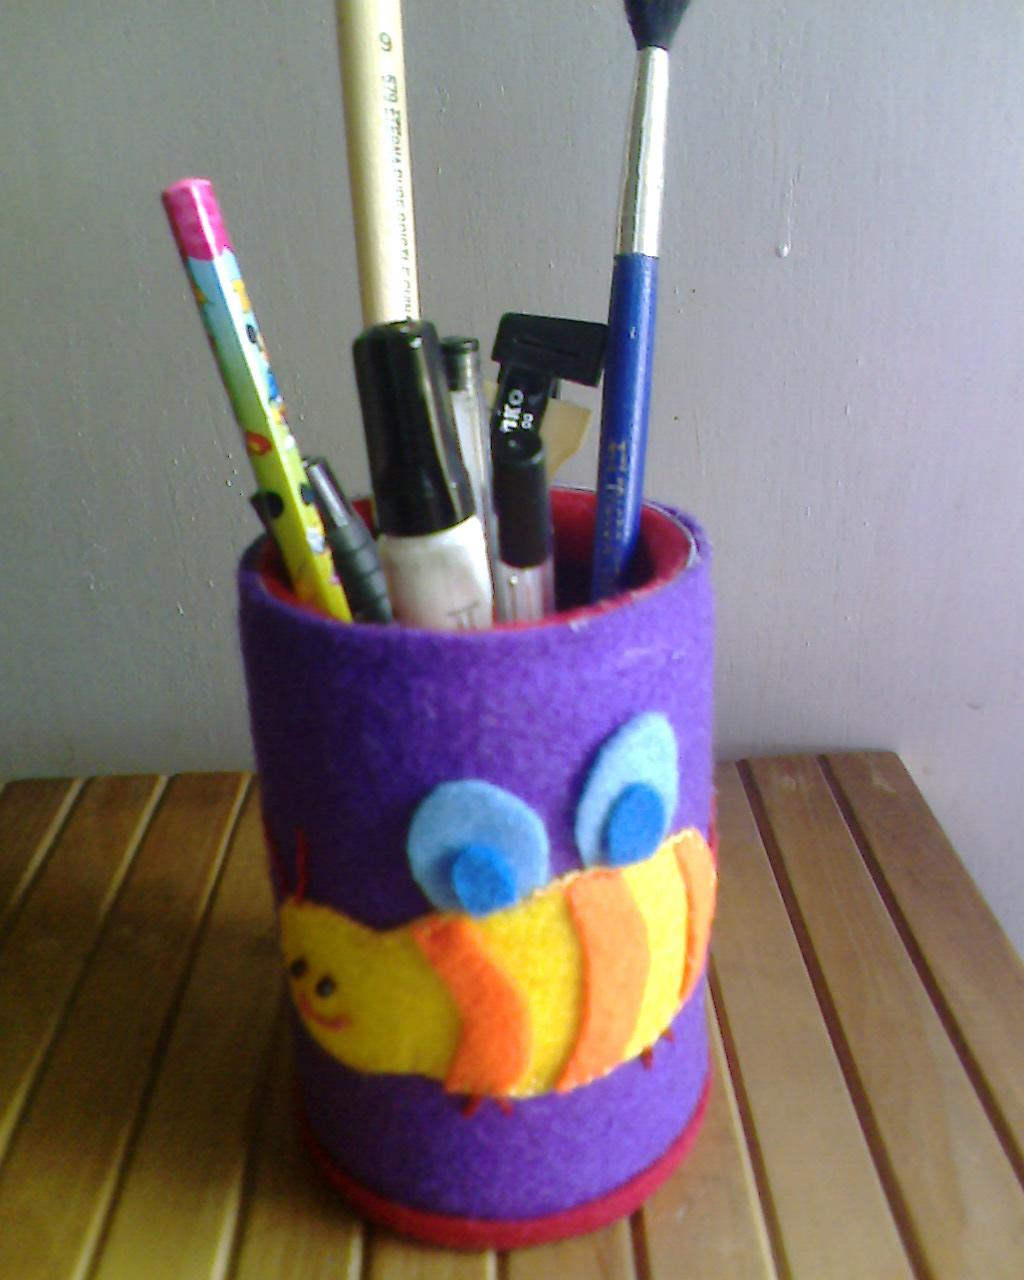 Tempat Pensil Dari Botol Bekas : tempat, pensil, botol, bekas, November, Duniasepti